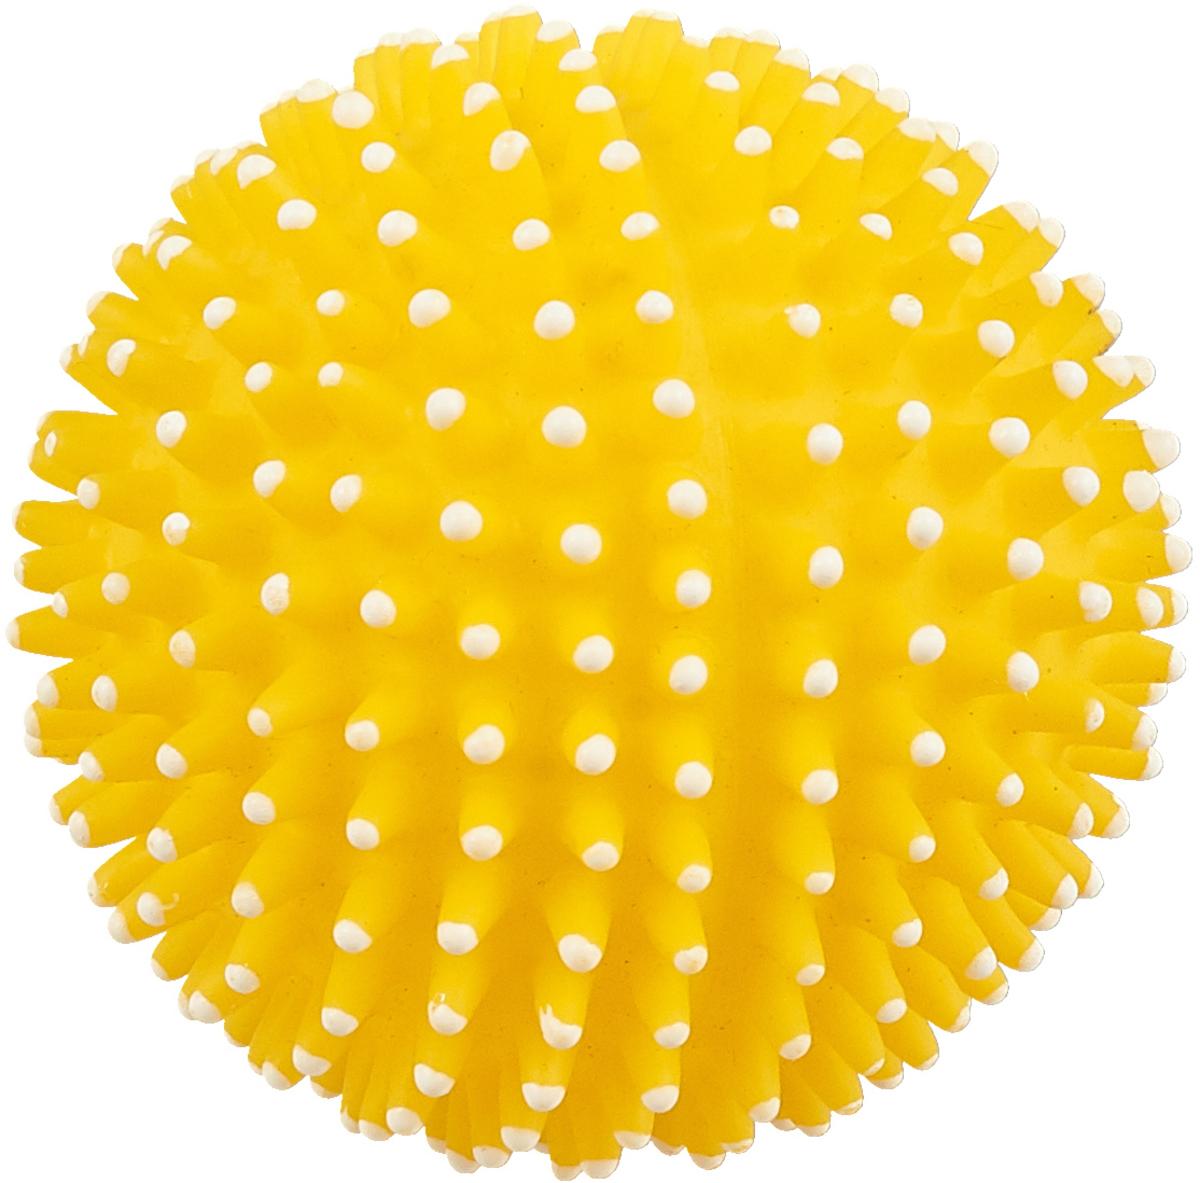 Игрушка для собак GLG Мяч игольчатый, с пищалкой, цвет: желтый, 7 см алексей круглов александр рагазанов яак соояар search of united sounds